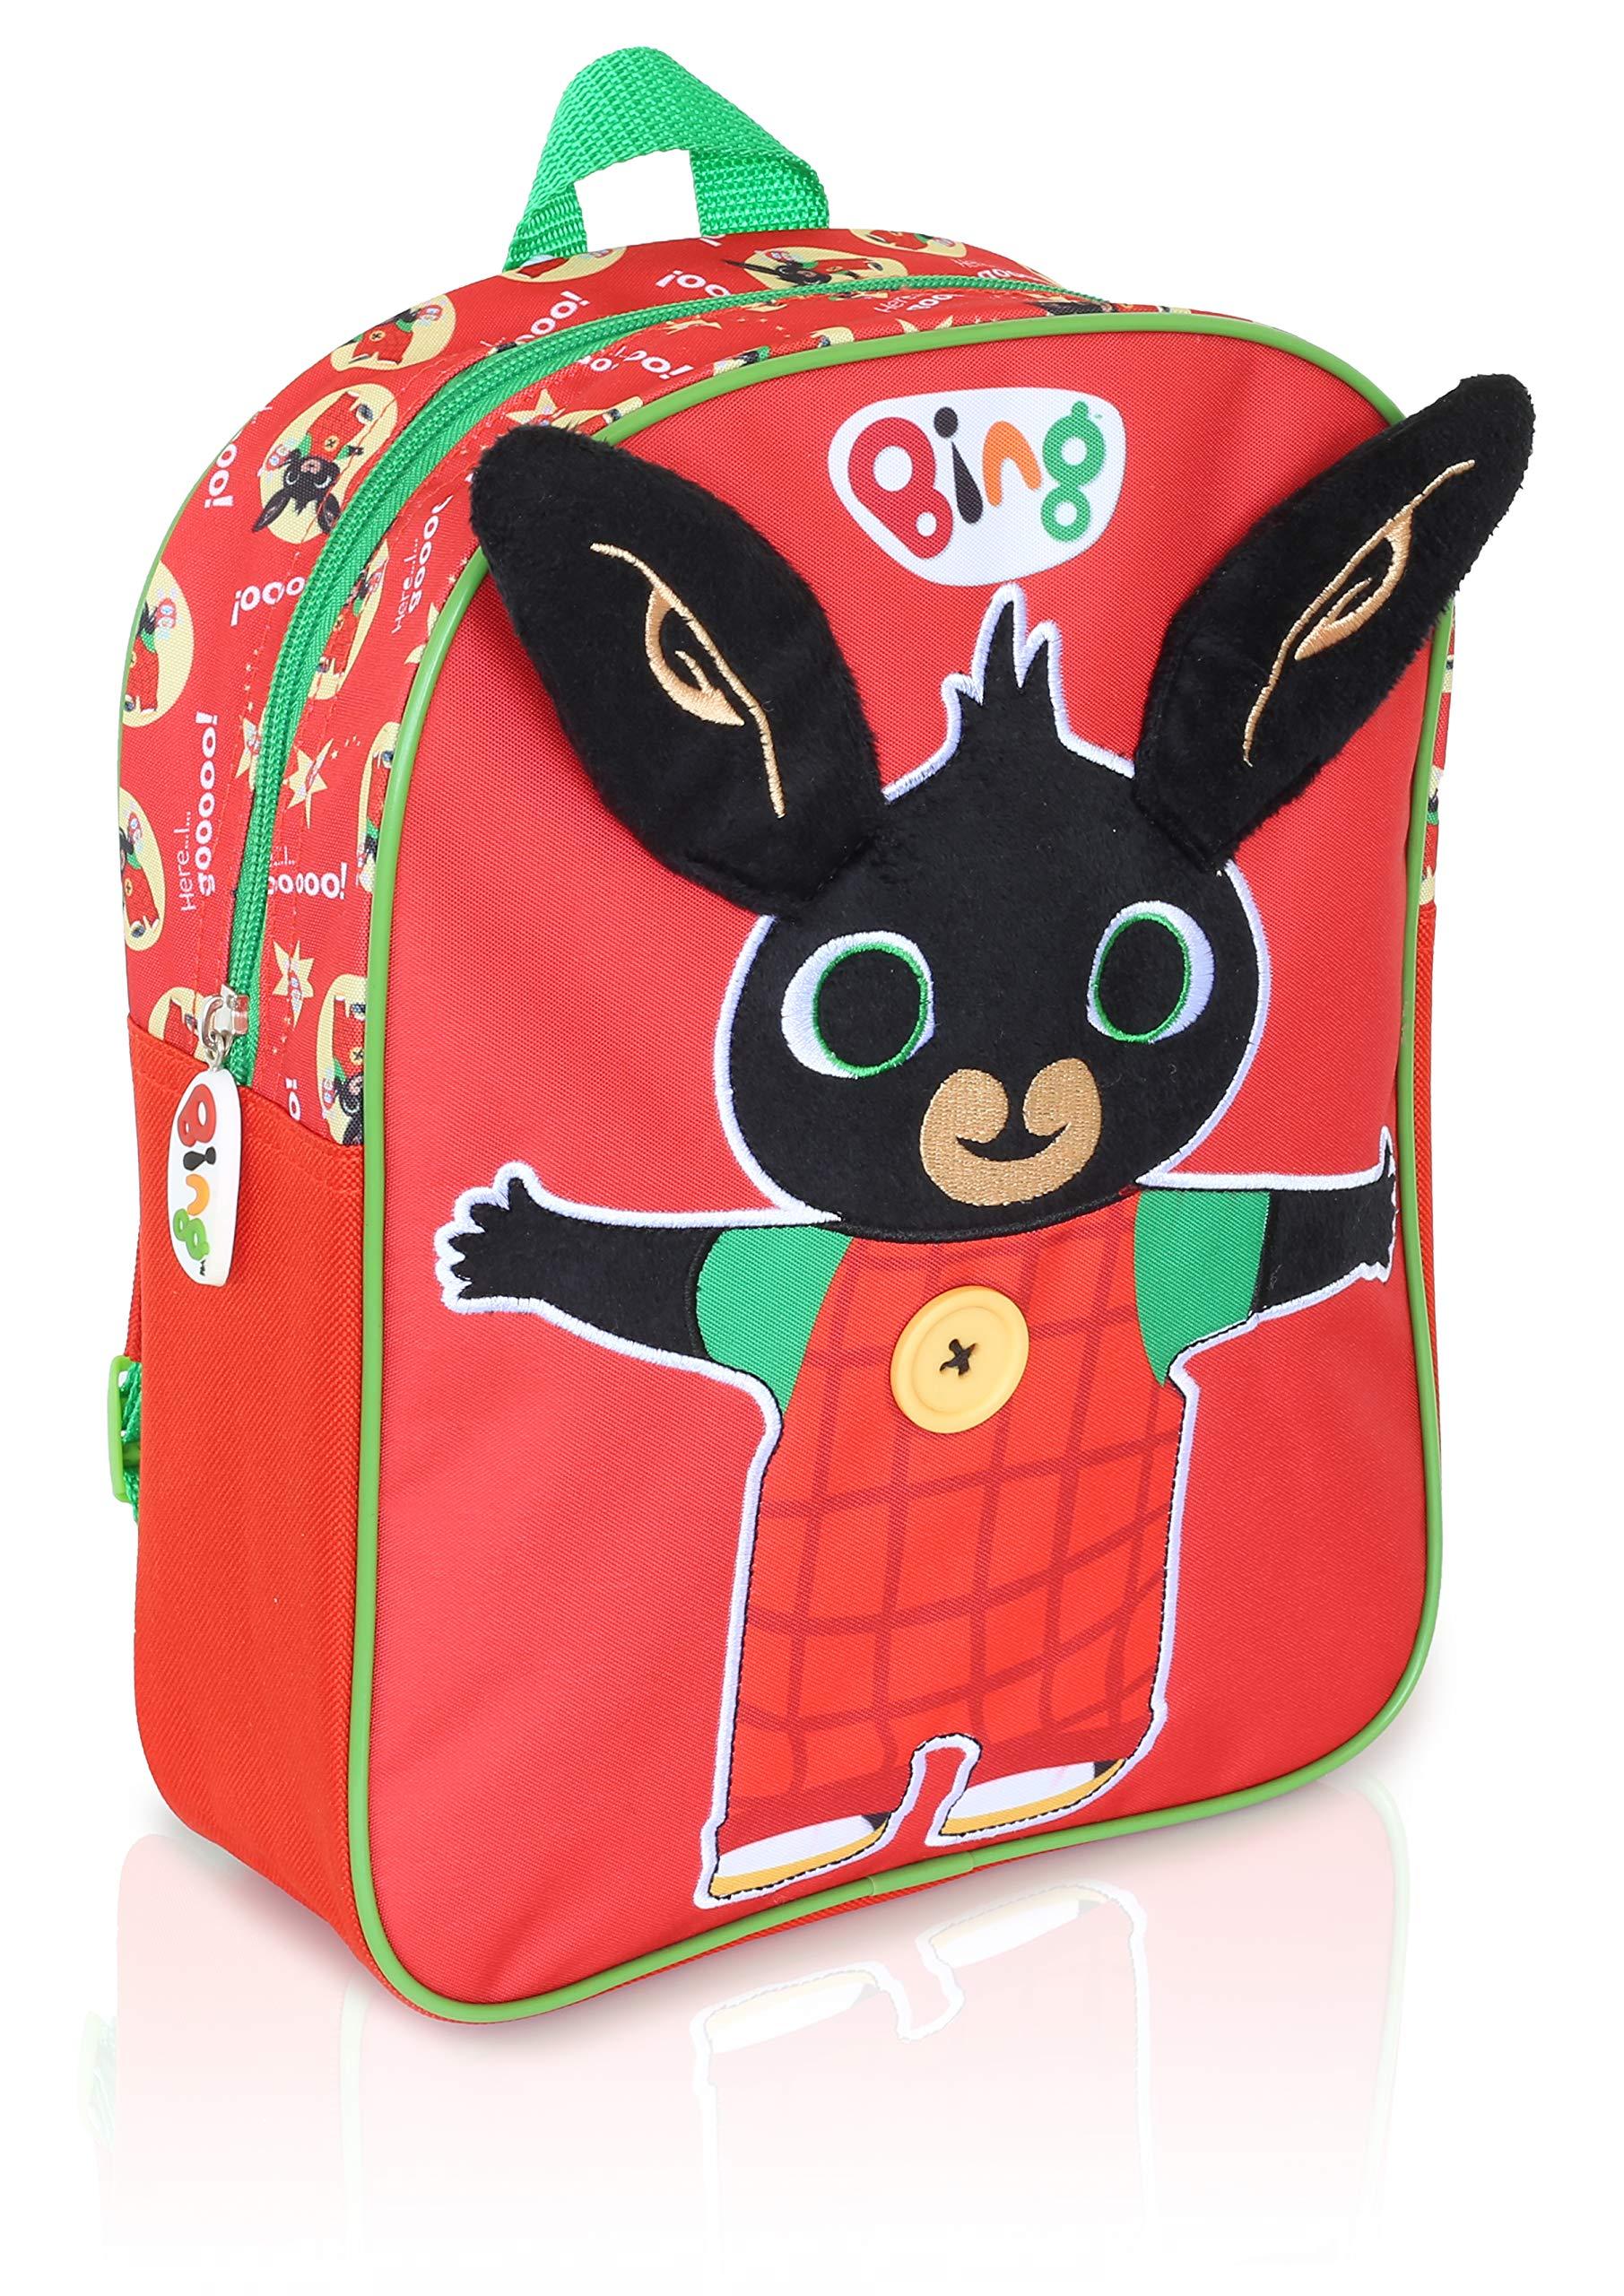 sito affidabile 47d49 ffeb2 Zaino Scuola Elementare Bing Bunny   Zainetto Bing Bambino Ufficiale    Zainetti Per Bambini Materna, Asilo, Elementari, Nido, Borsa Weekend, Borsa  Da ...